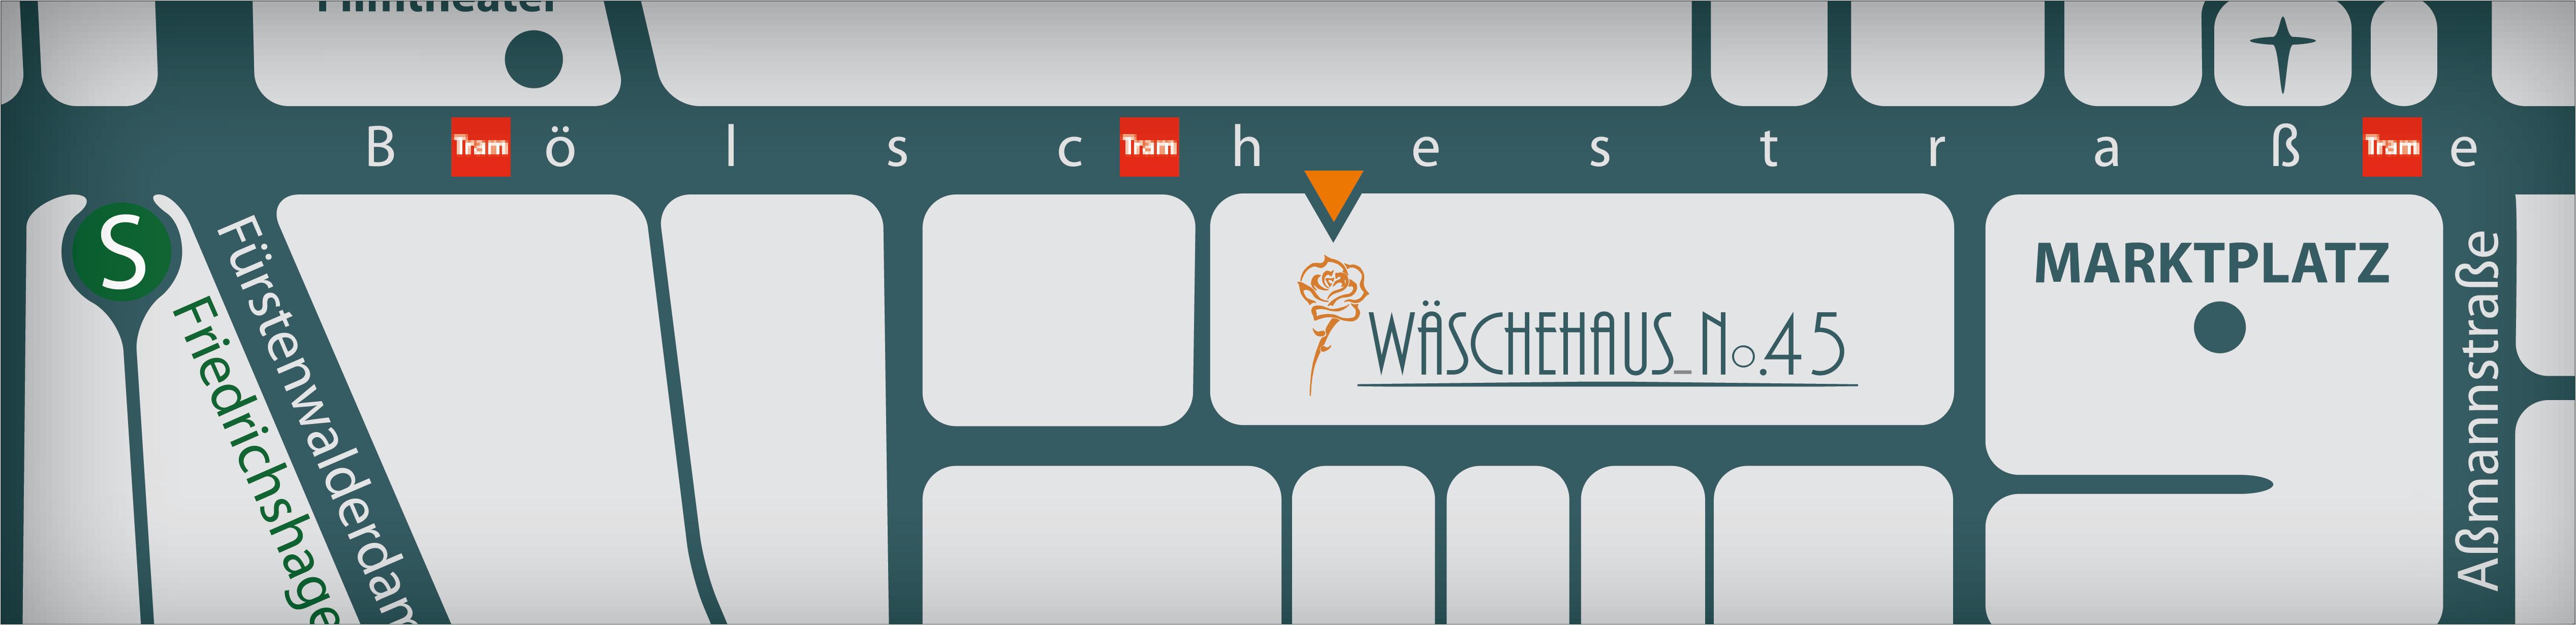 Wäschehaus 45 Lageplan Boelschestrasse 91a